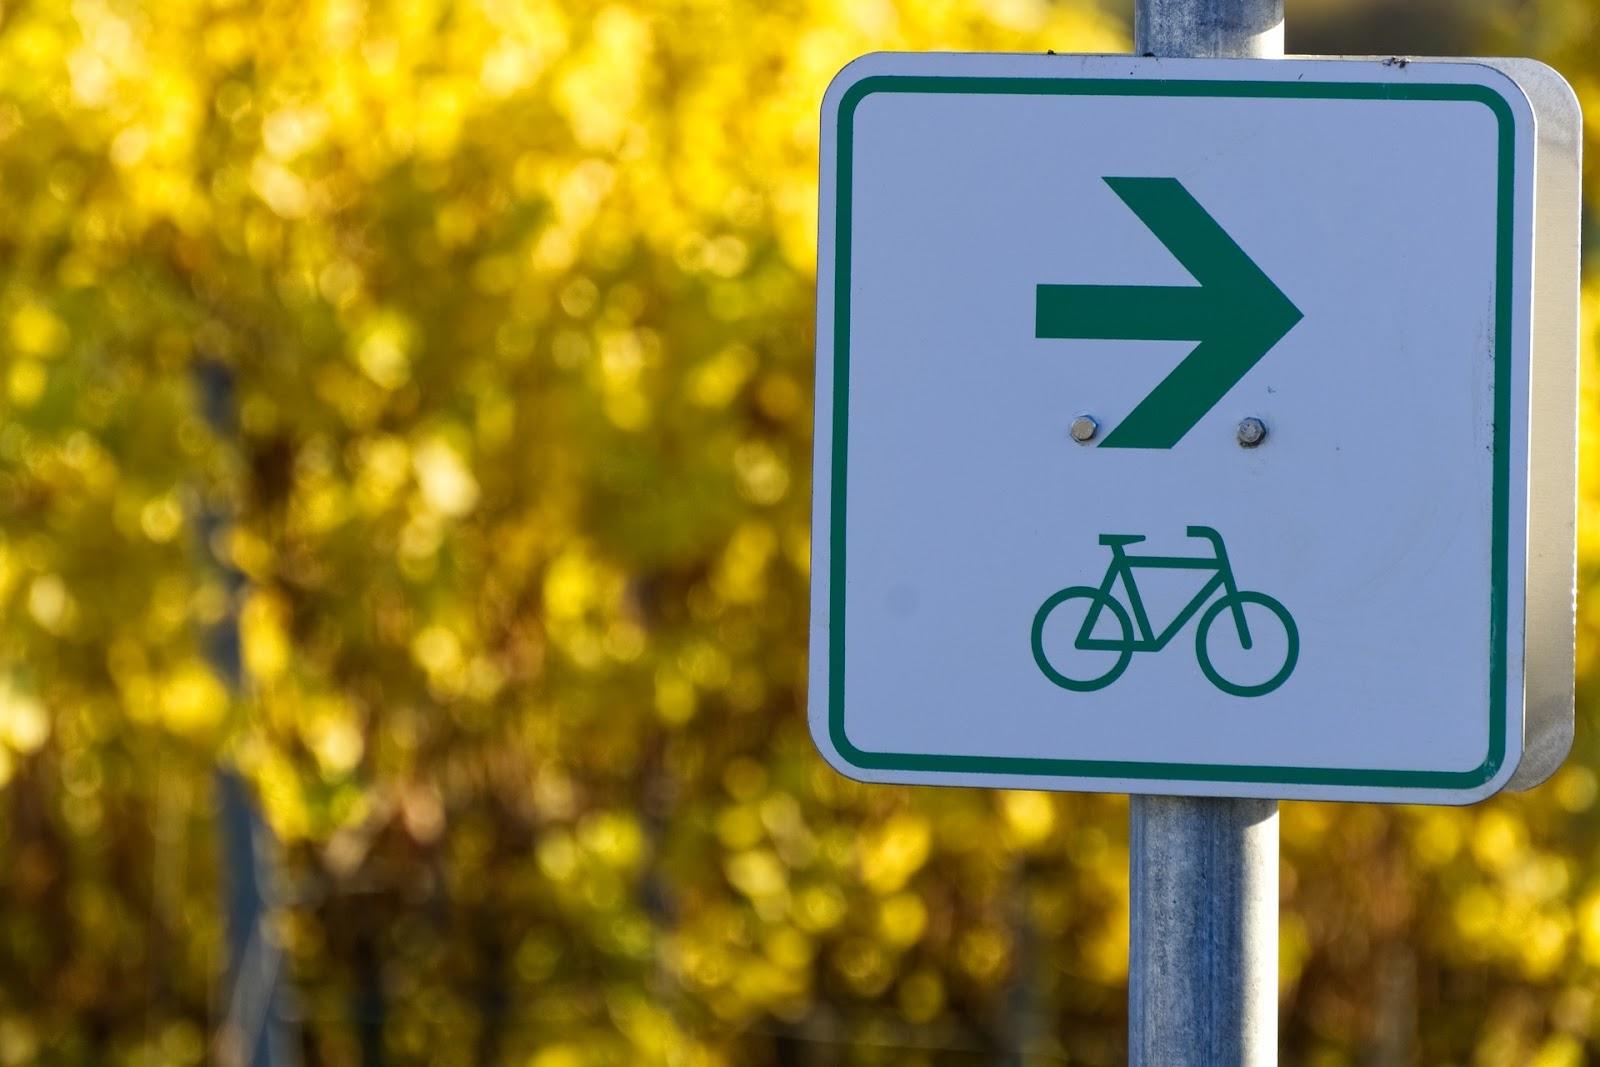 Sinalização para tráfego de bicicletas